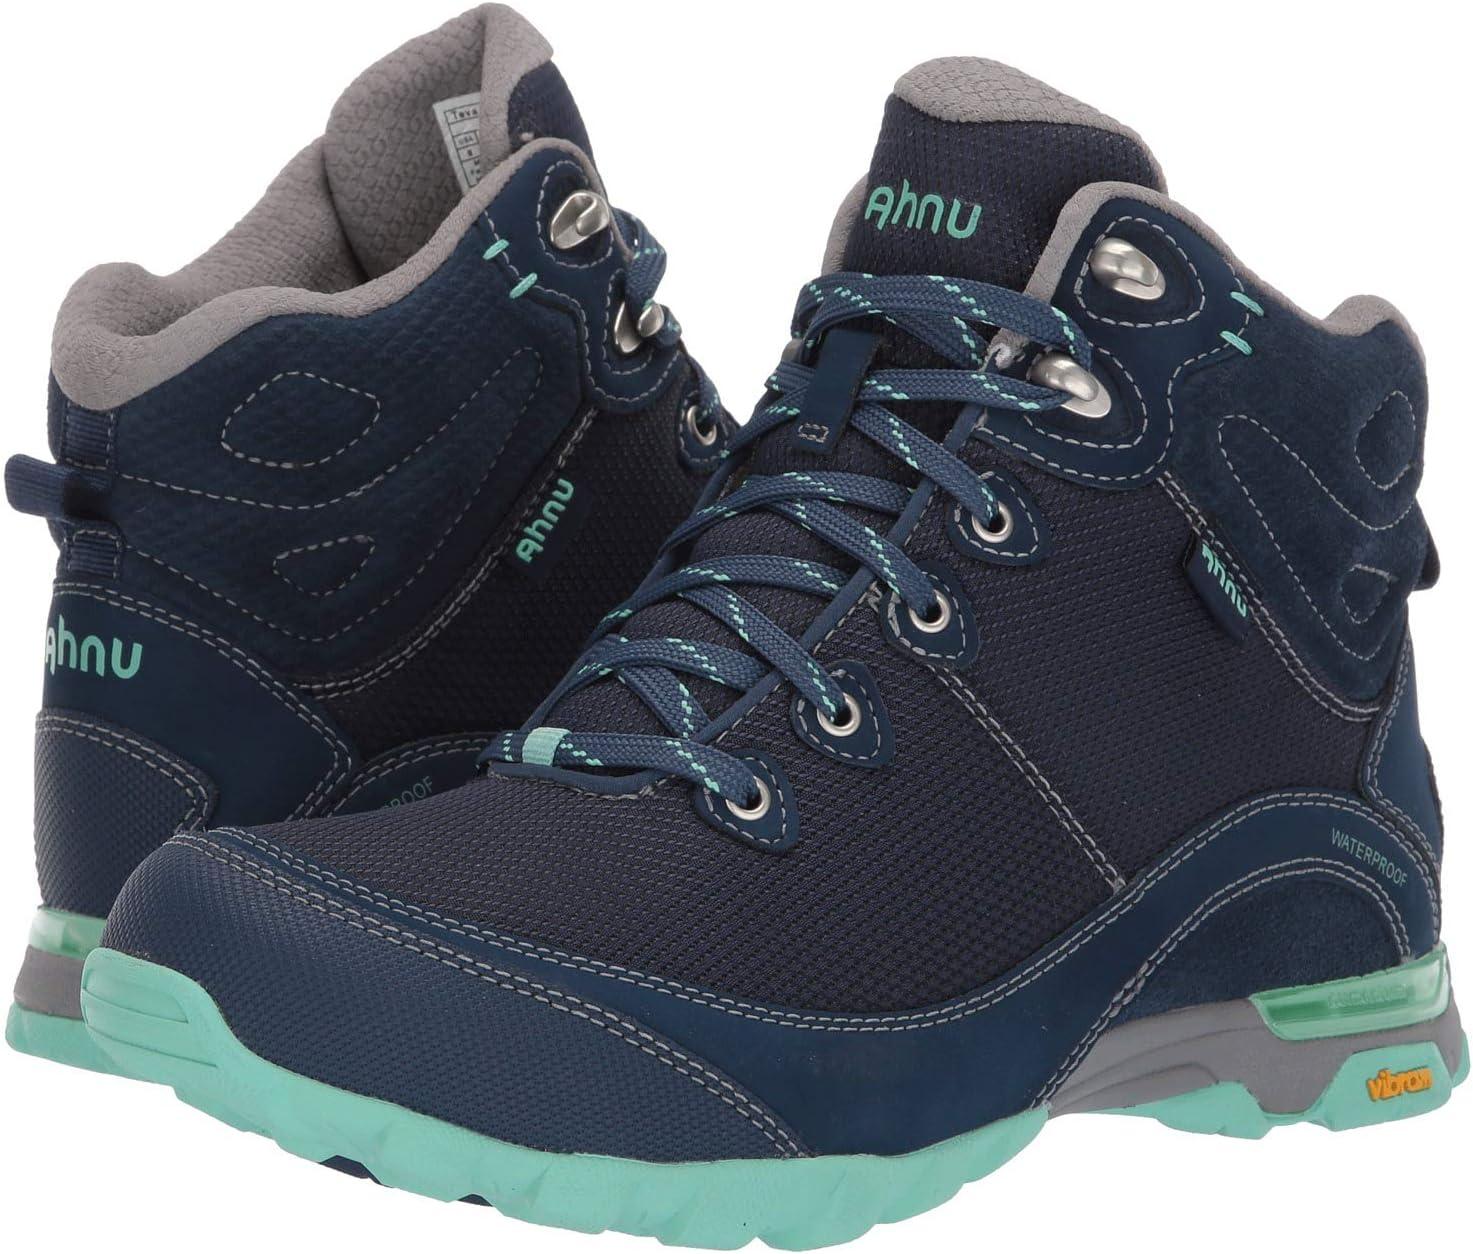 2869ccbf7 Teva Sandals